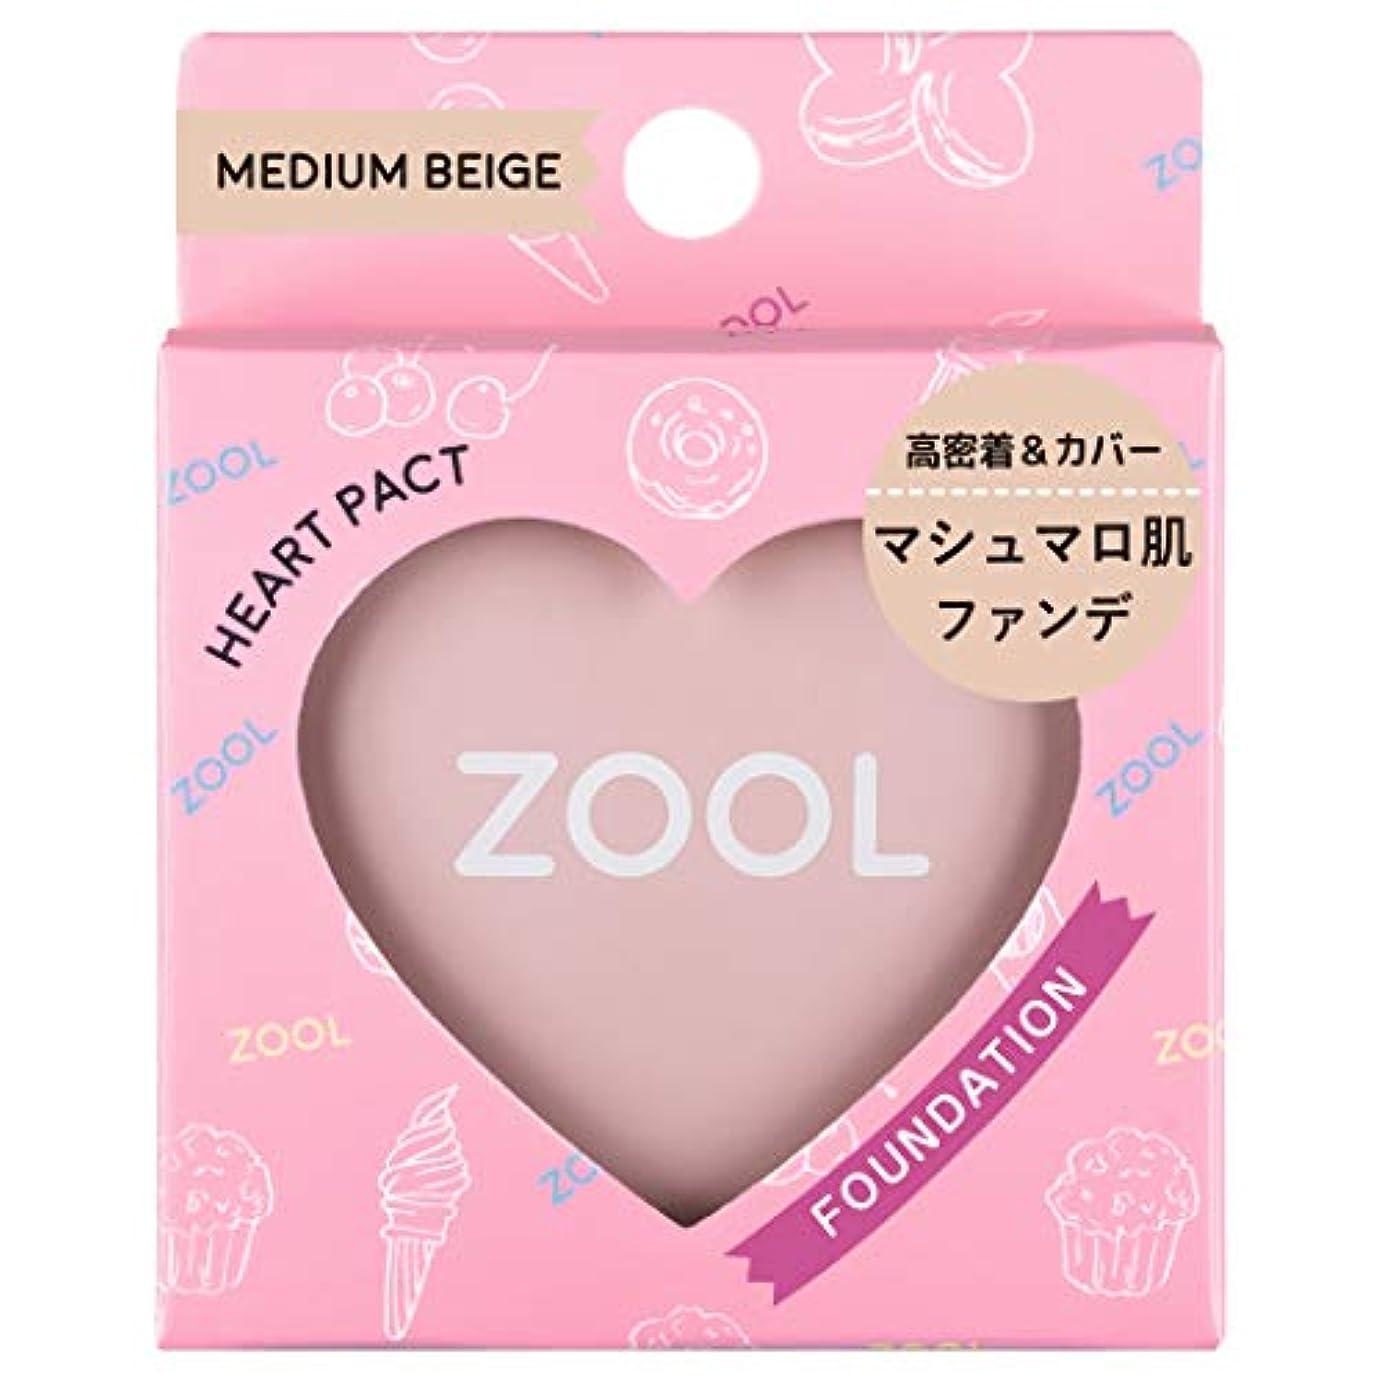 ベッドを作るゲート夫ZOOL (ズール) ハートパクト ミディアムベージュ (ファンデ) (1個)